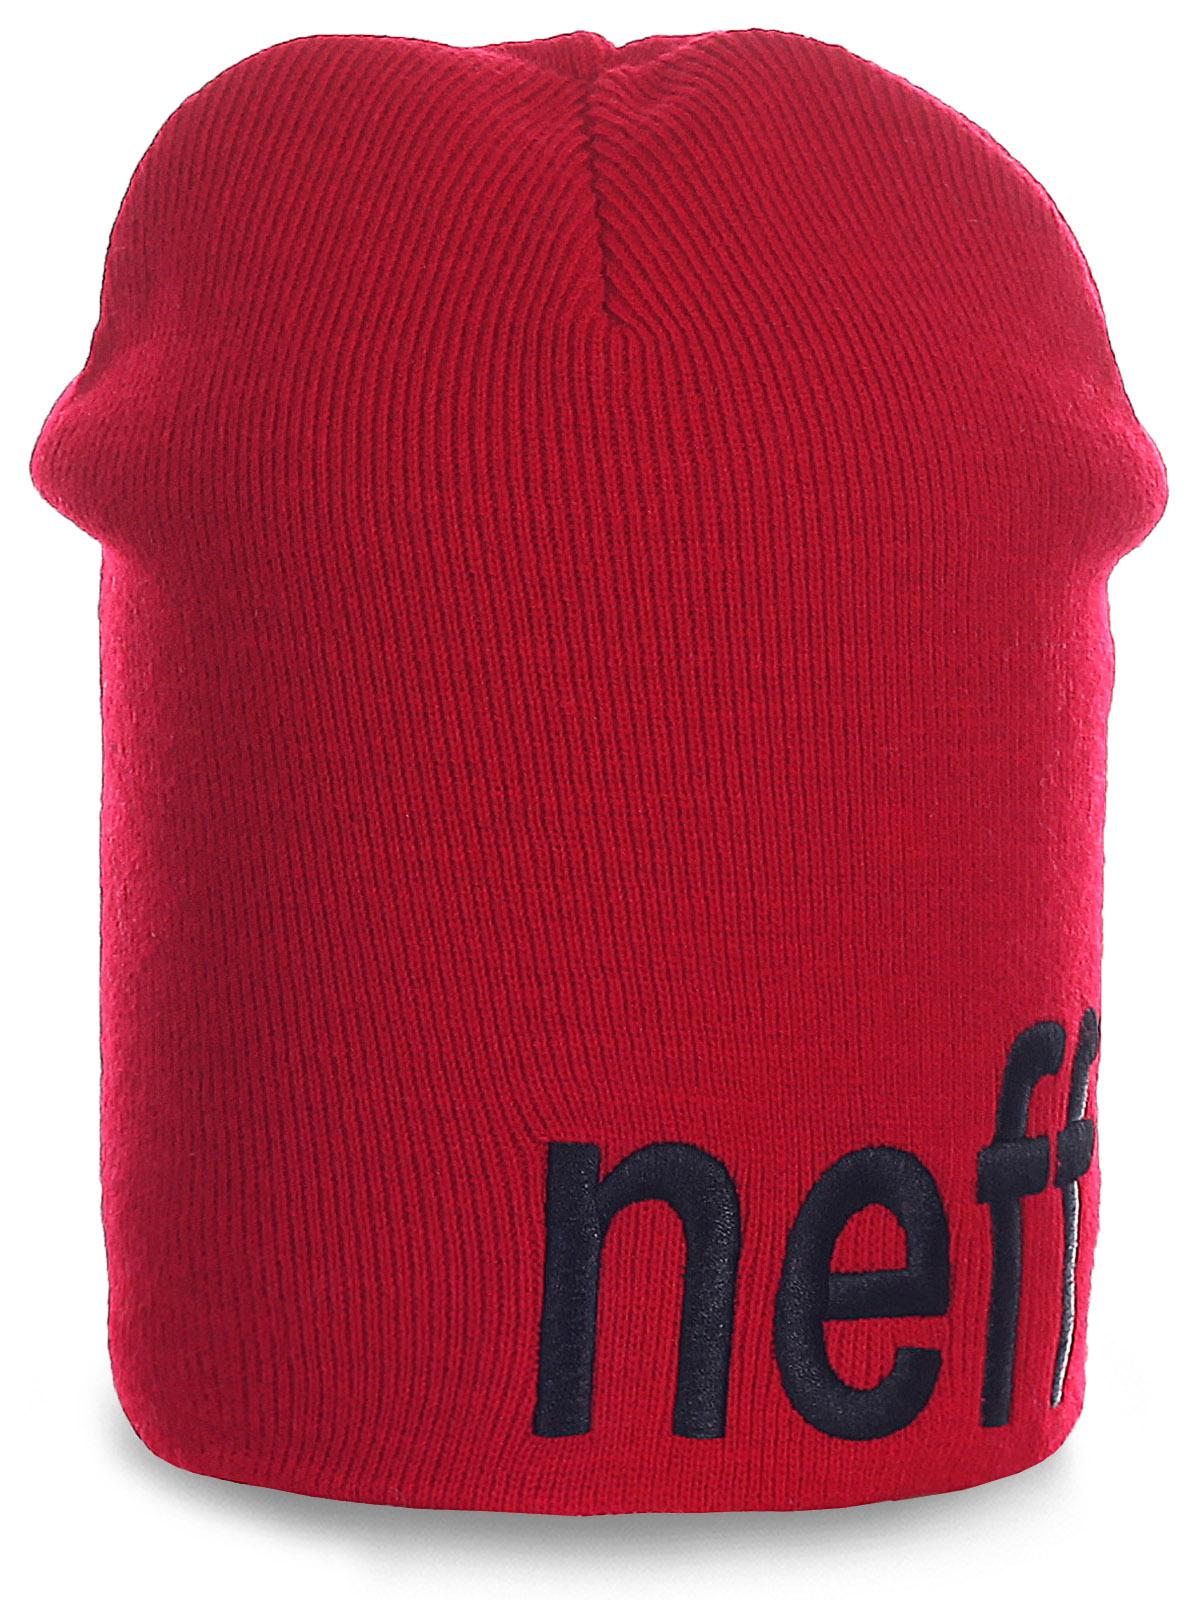 Красная мужская шапка Neff. Незаменимый головной убор для спортсменов и не только